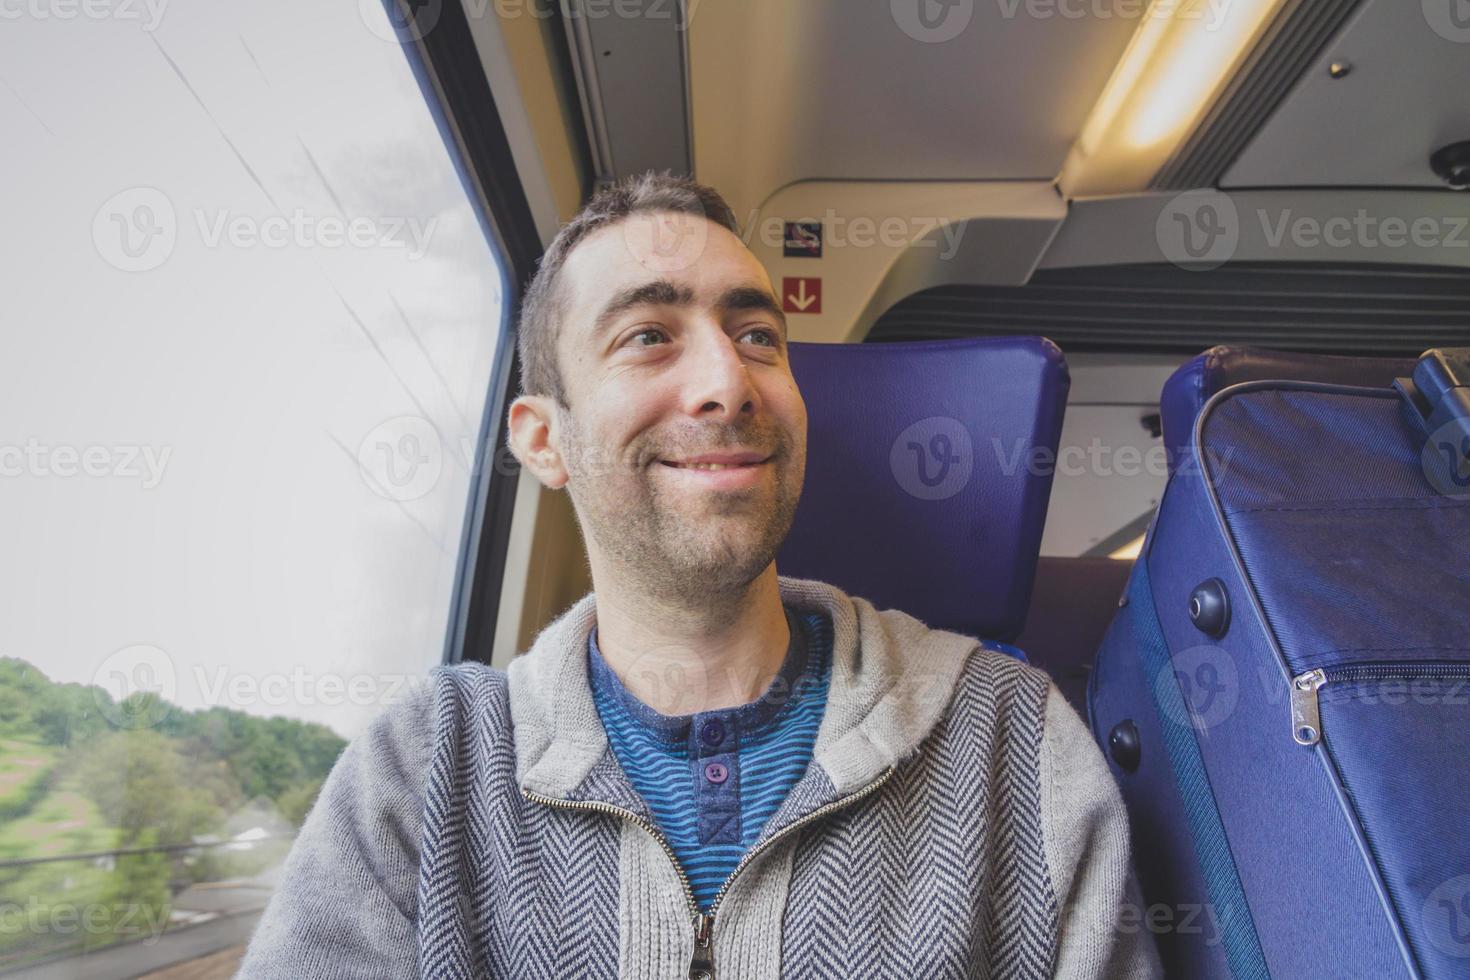 ung man som reser på ett tåg och ler mot någon foto